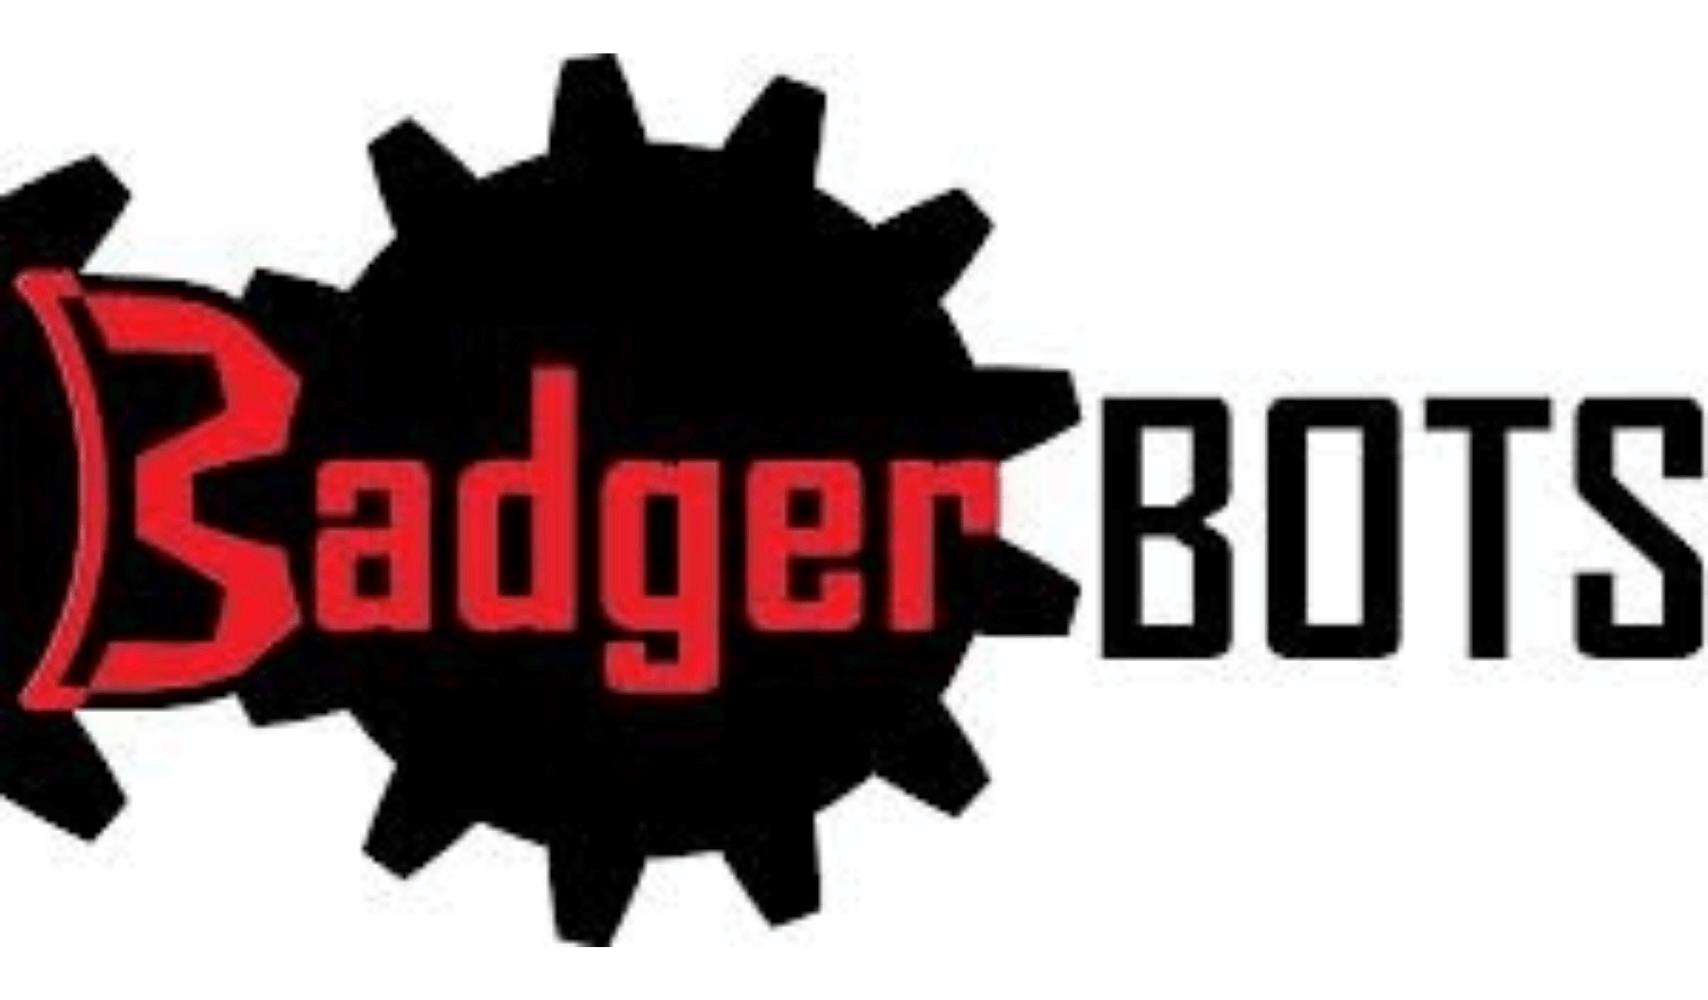 Badger Bots